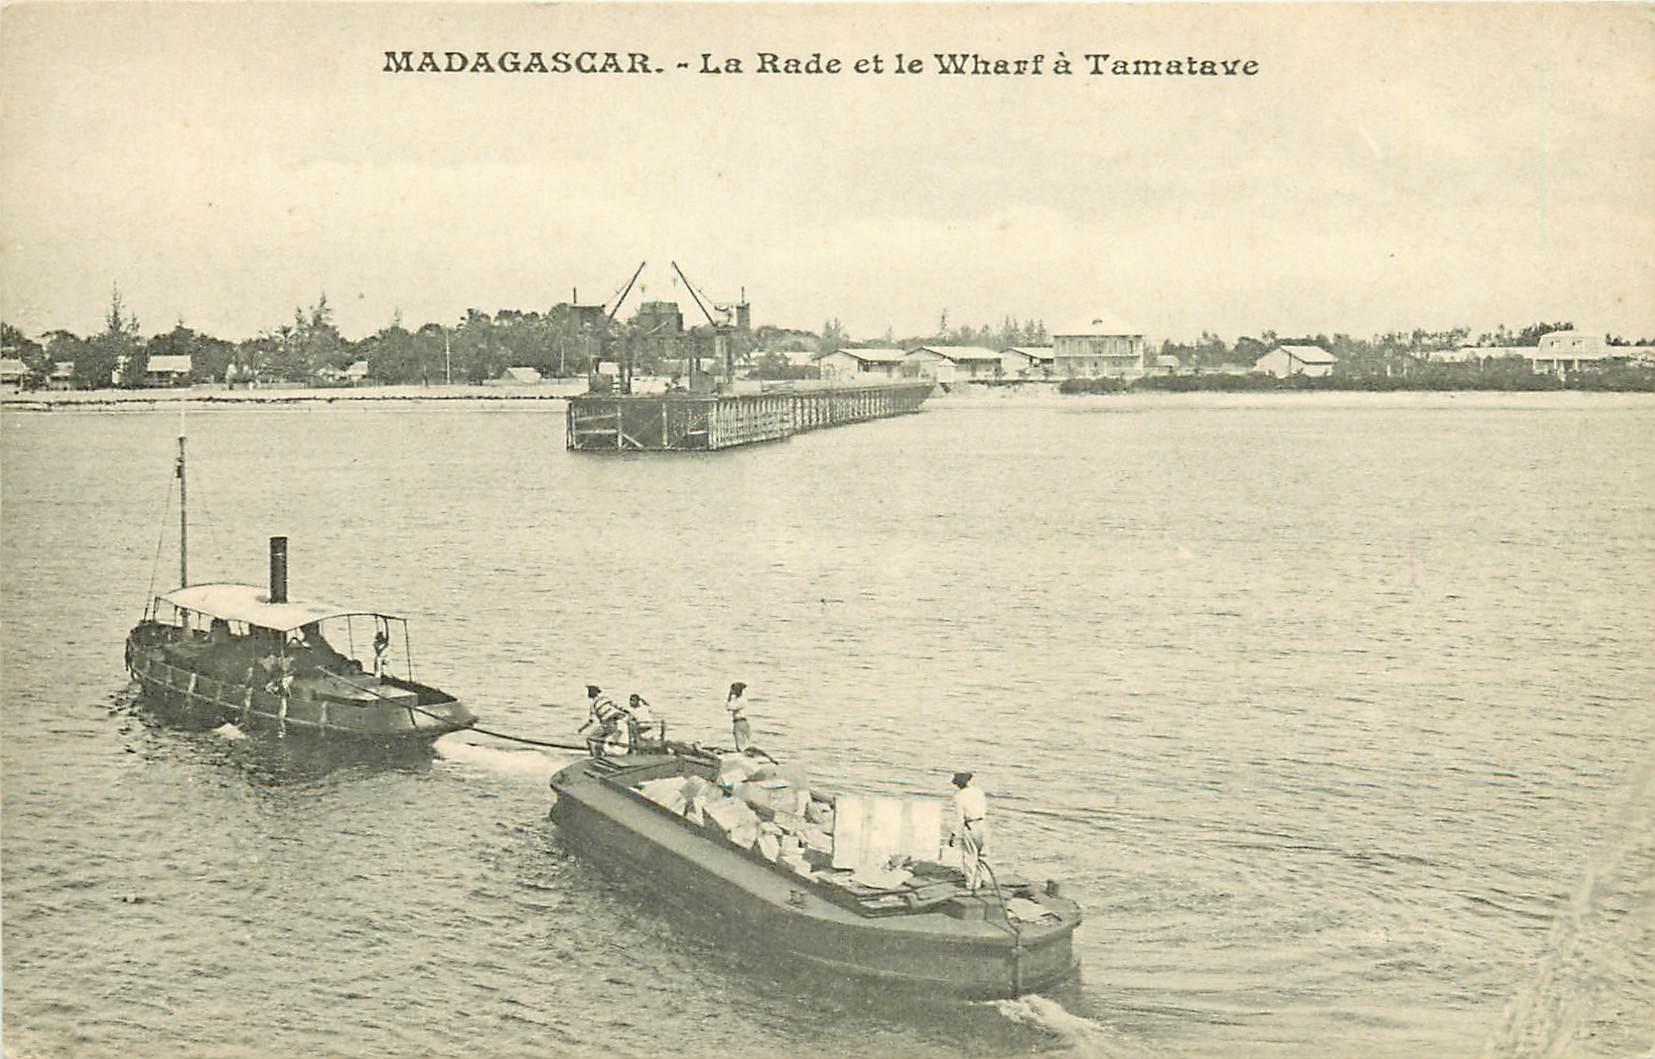 MADAGASCAR. La Rade et le Wharf à Tamatave